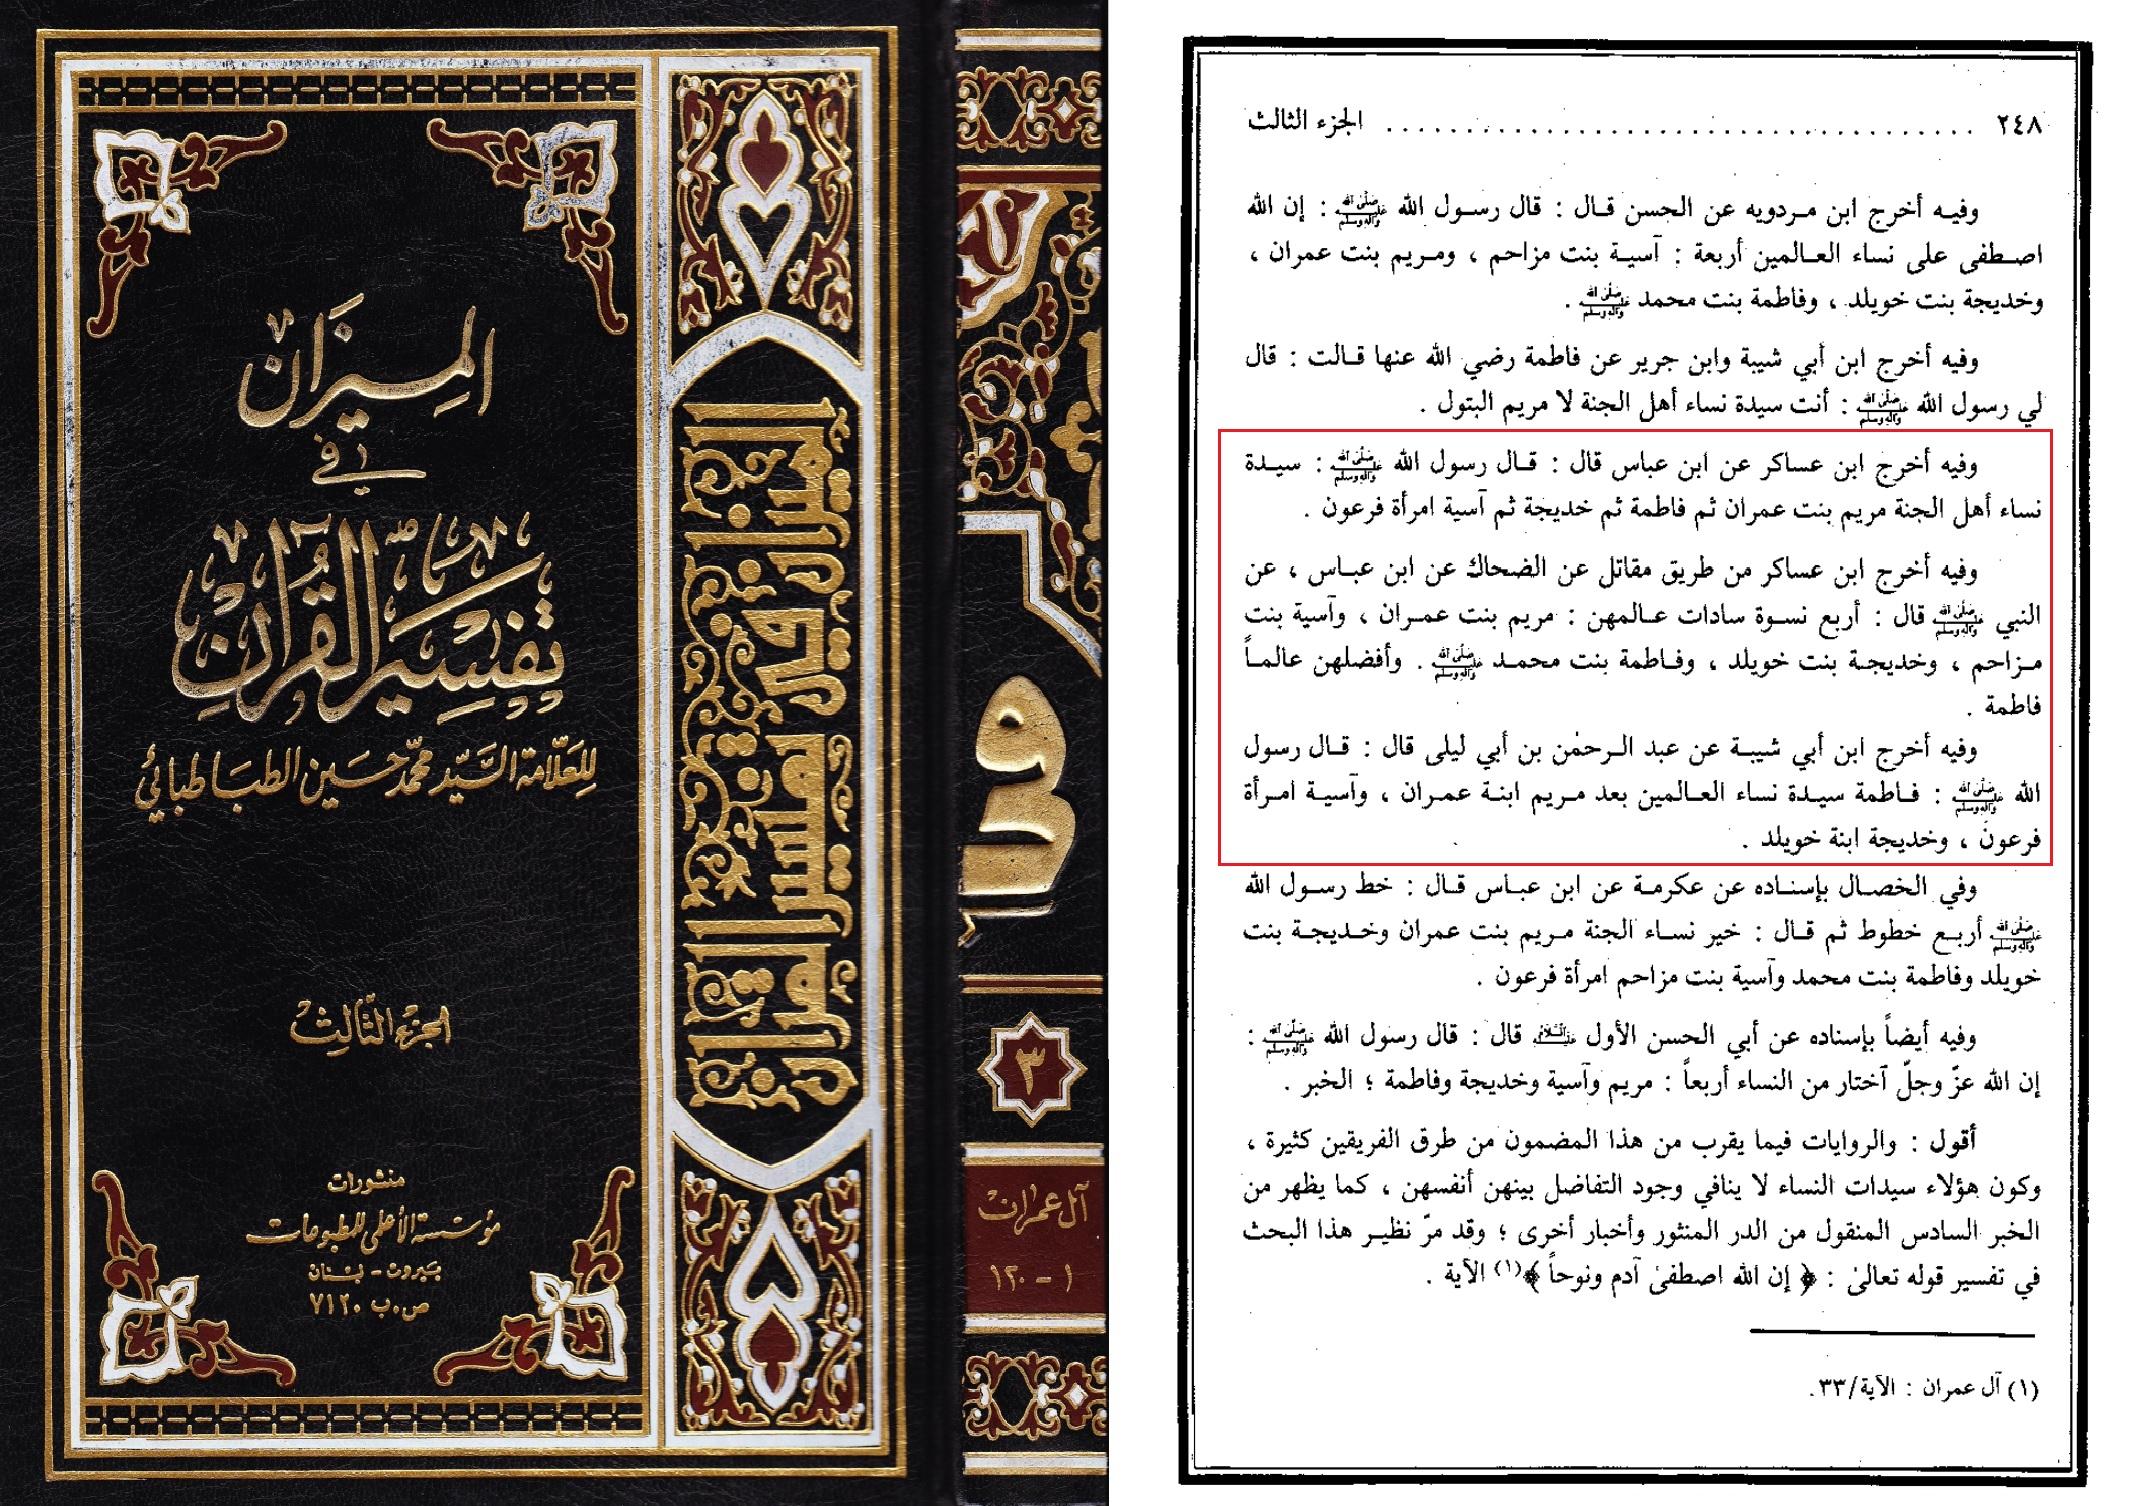 Tafsir-e Mizan B 3 S 248